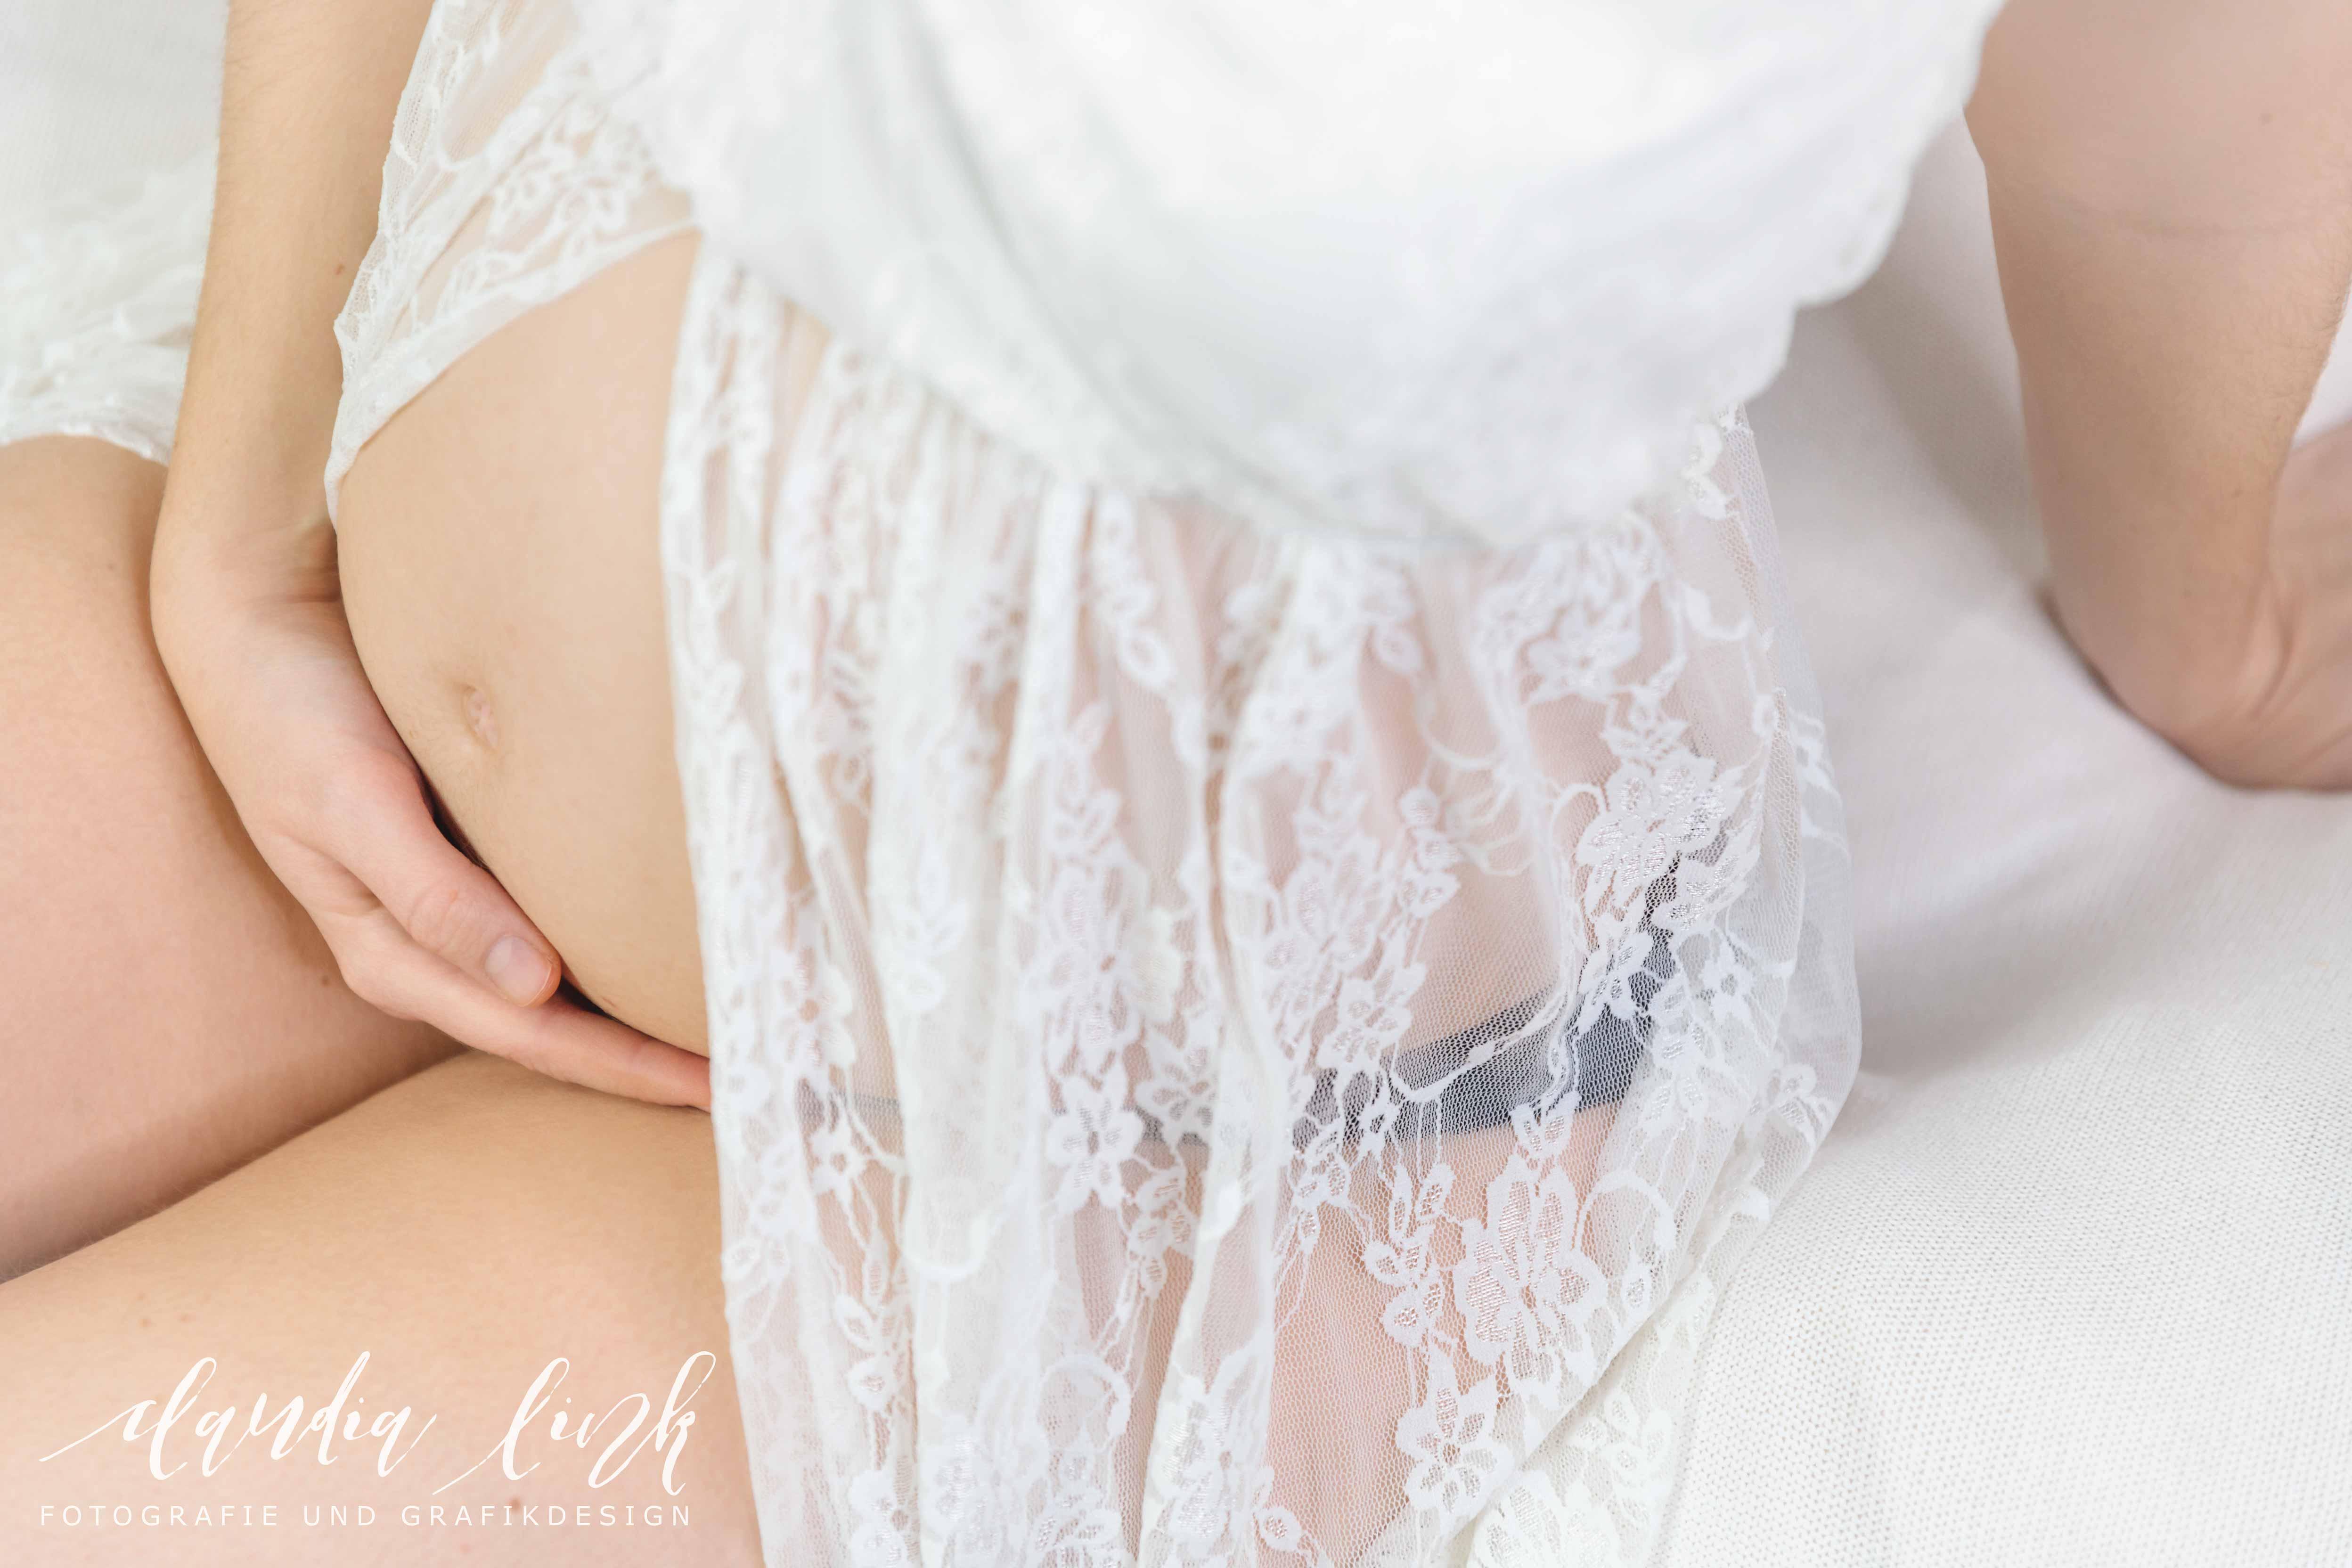 Babybauch – Ein Fotoshooting aus verschiedenen Blickwinkeln IMG 5819t